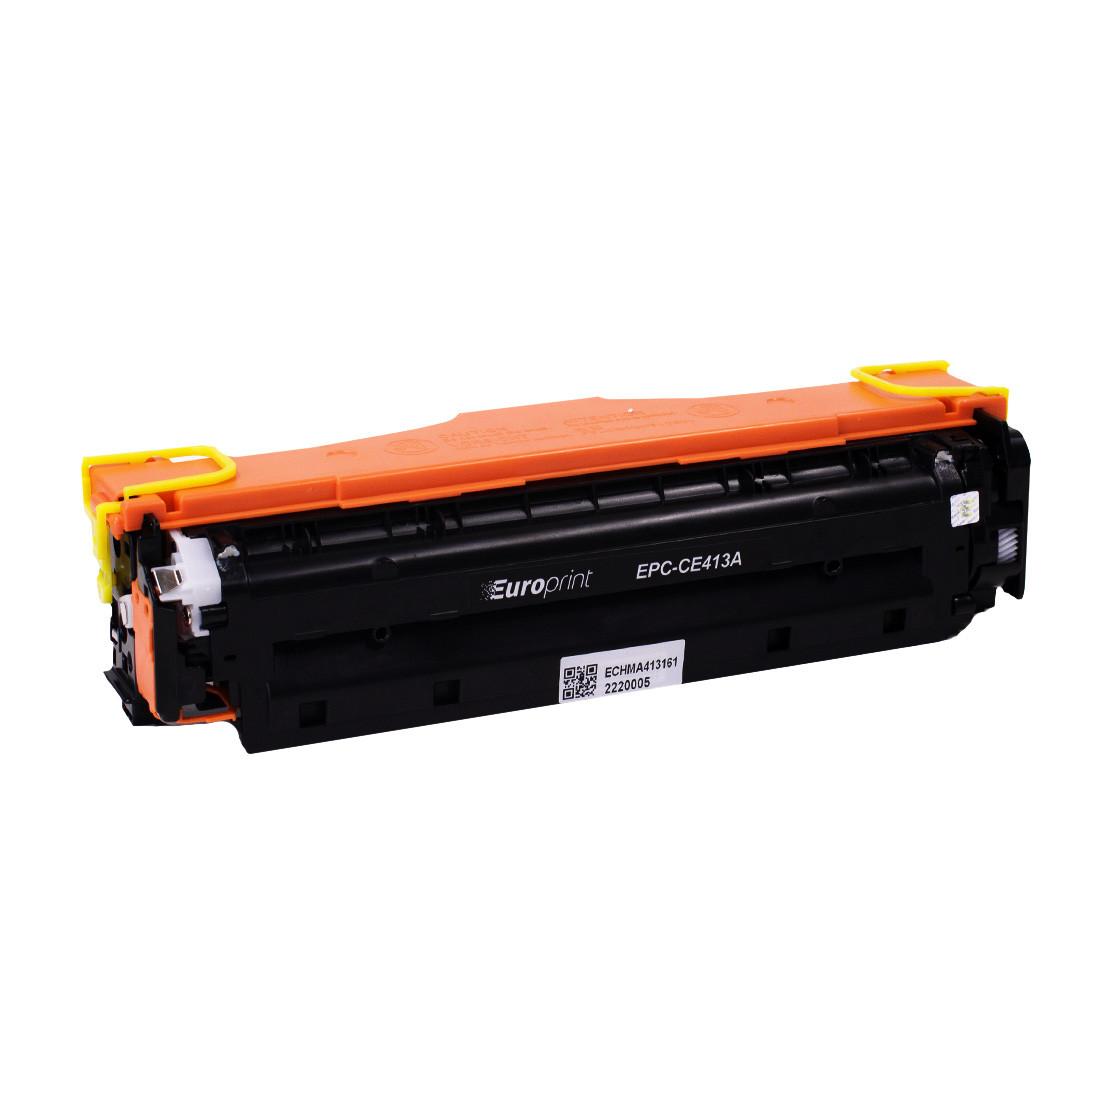 Картридж  Europrint  EPC-CE410A  Чёрный  Для принтеров HP Color LaserJet Pro 300 M351/M375/Pro 400 M451/M475